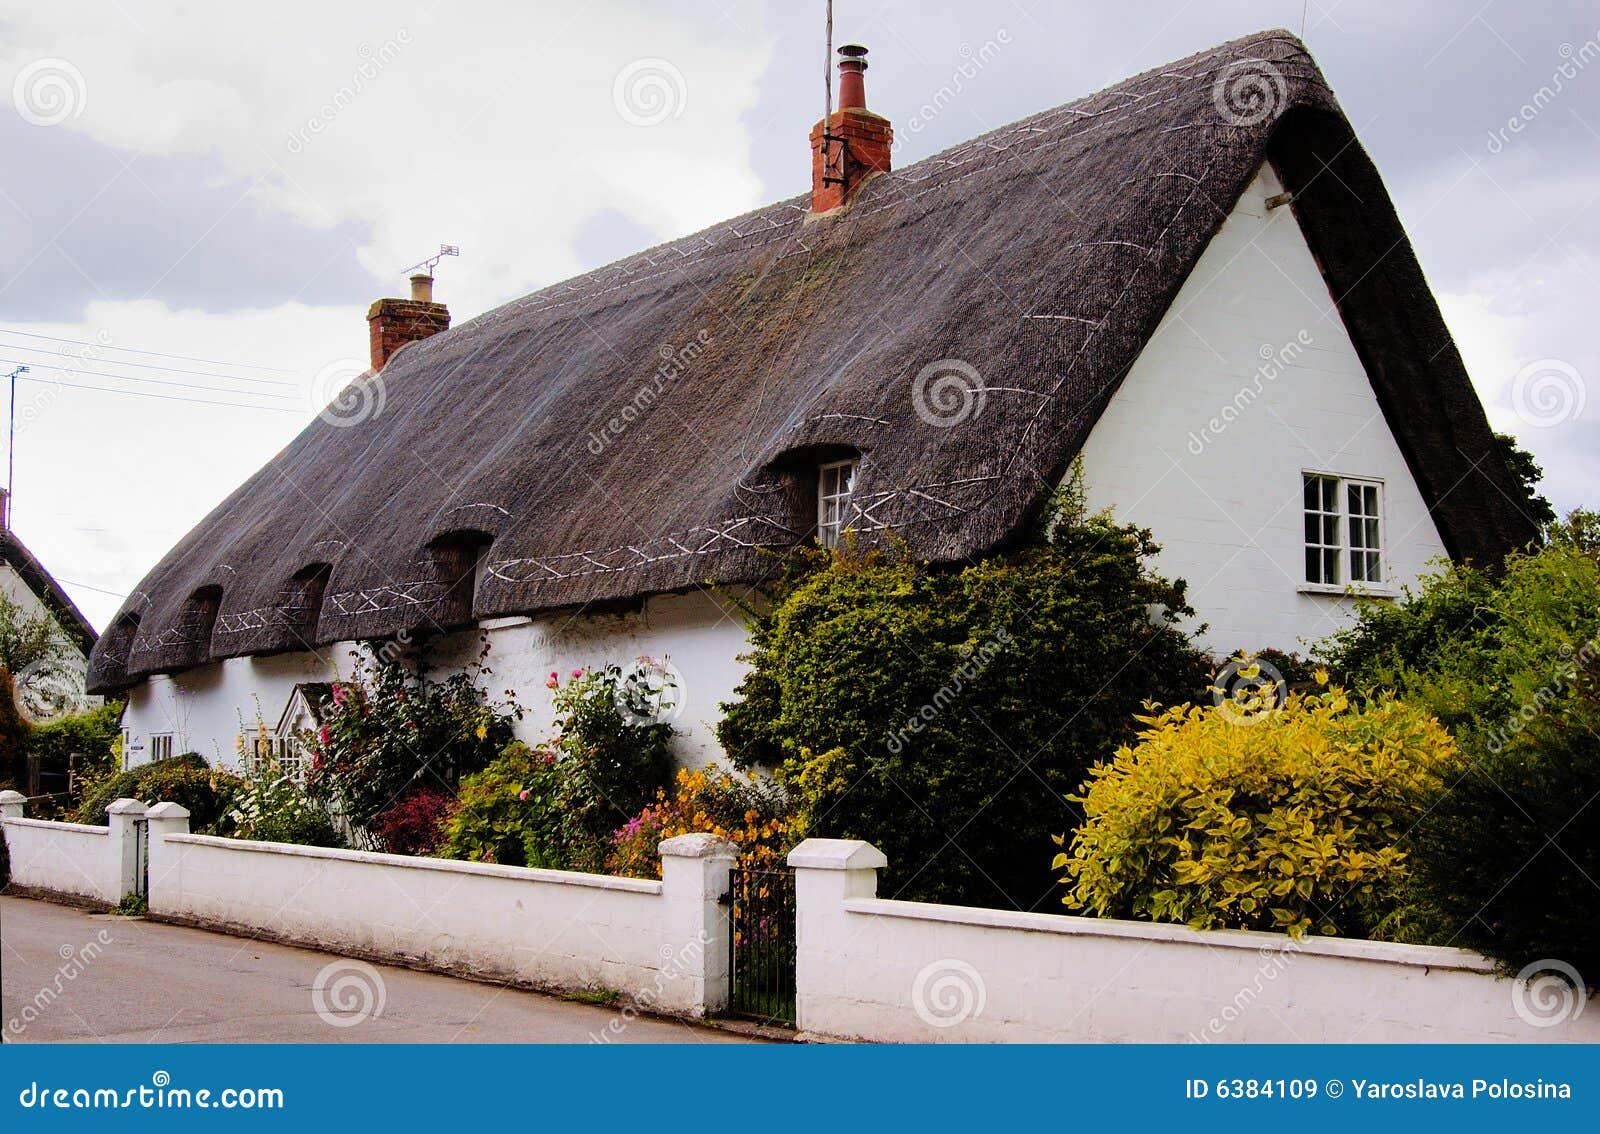 Maison anglaise avec le toit de paille images libres de for Maison anglaise typique plan